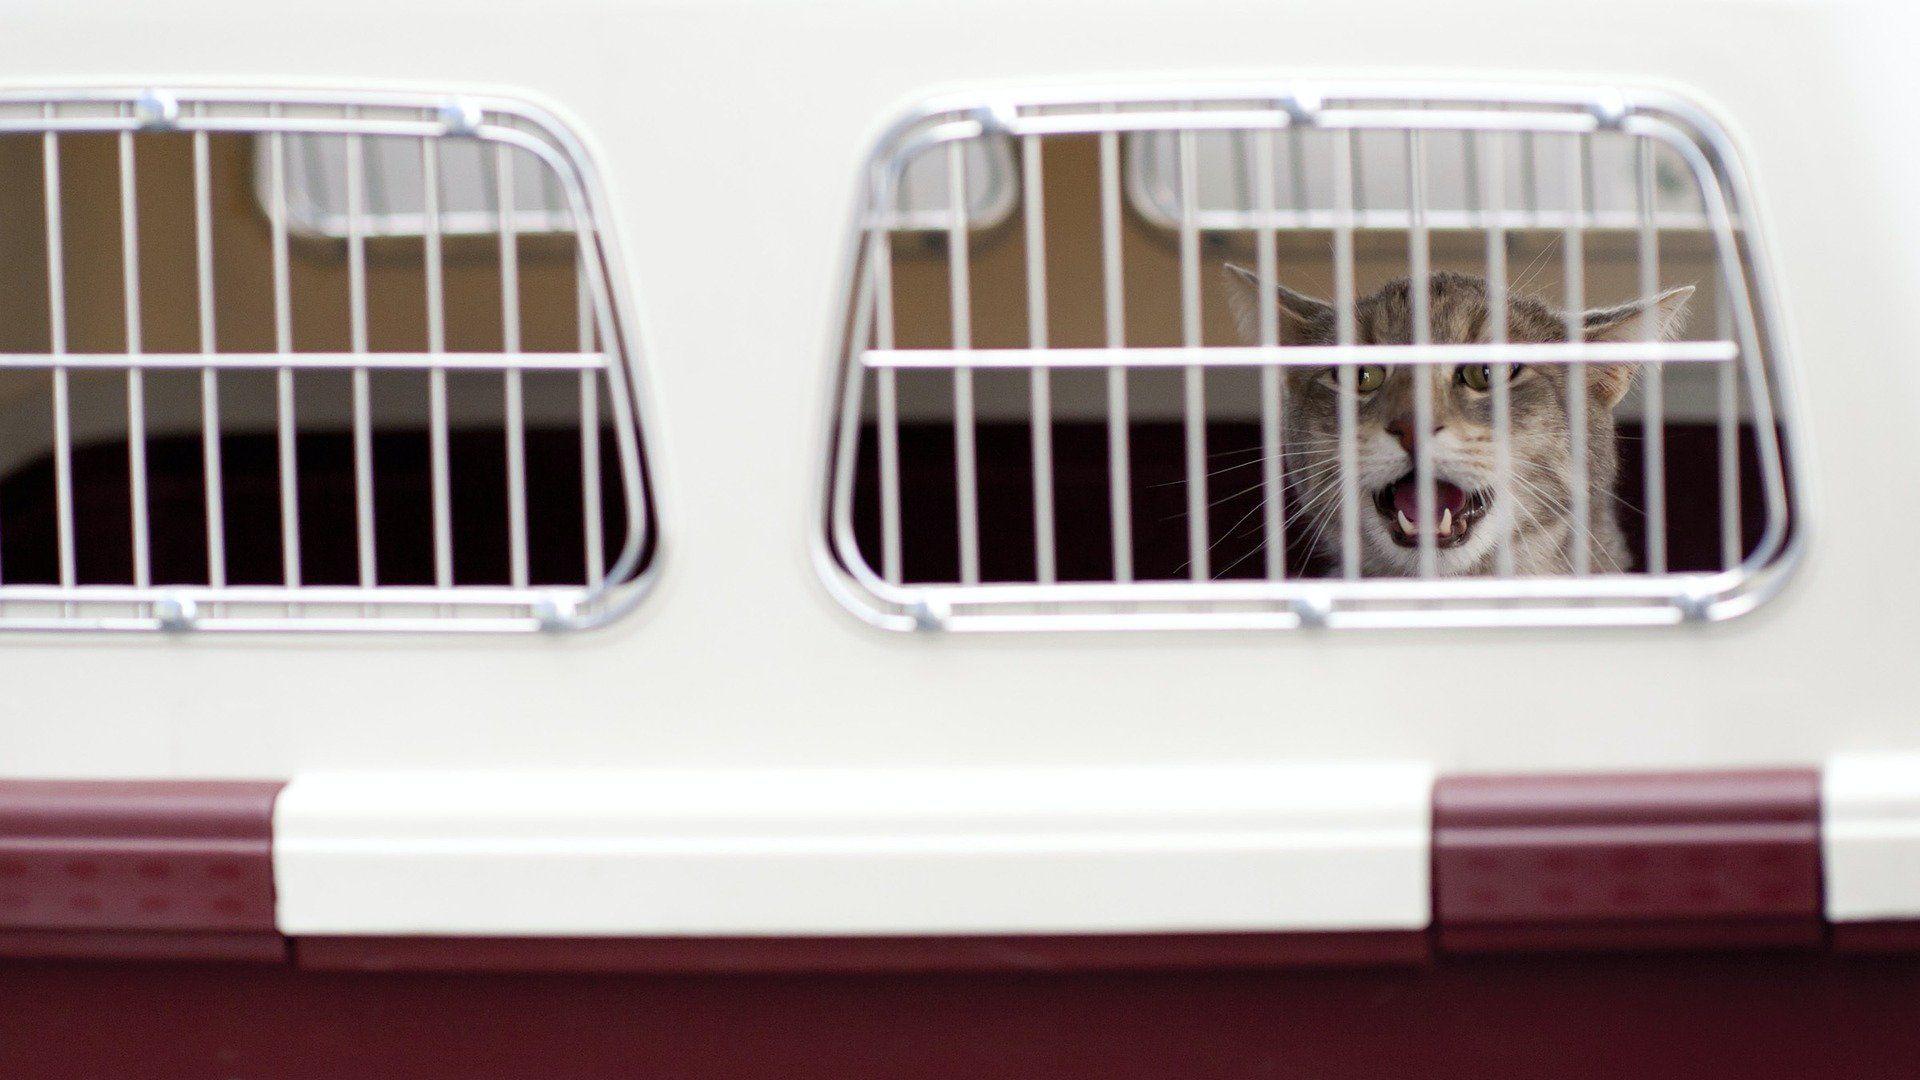 Macska hordozóban